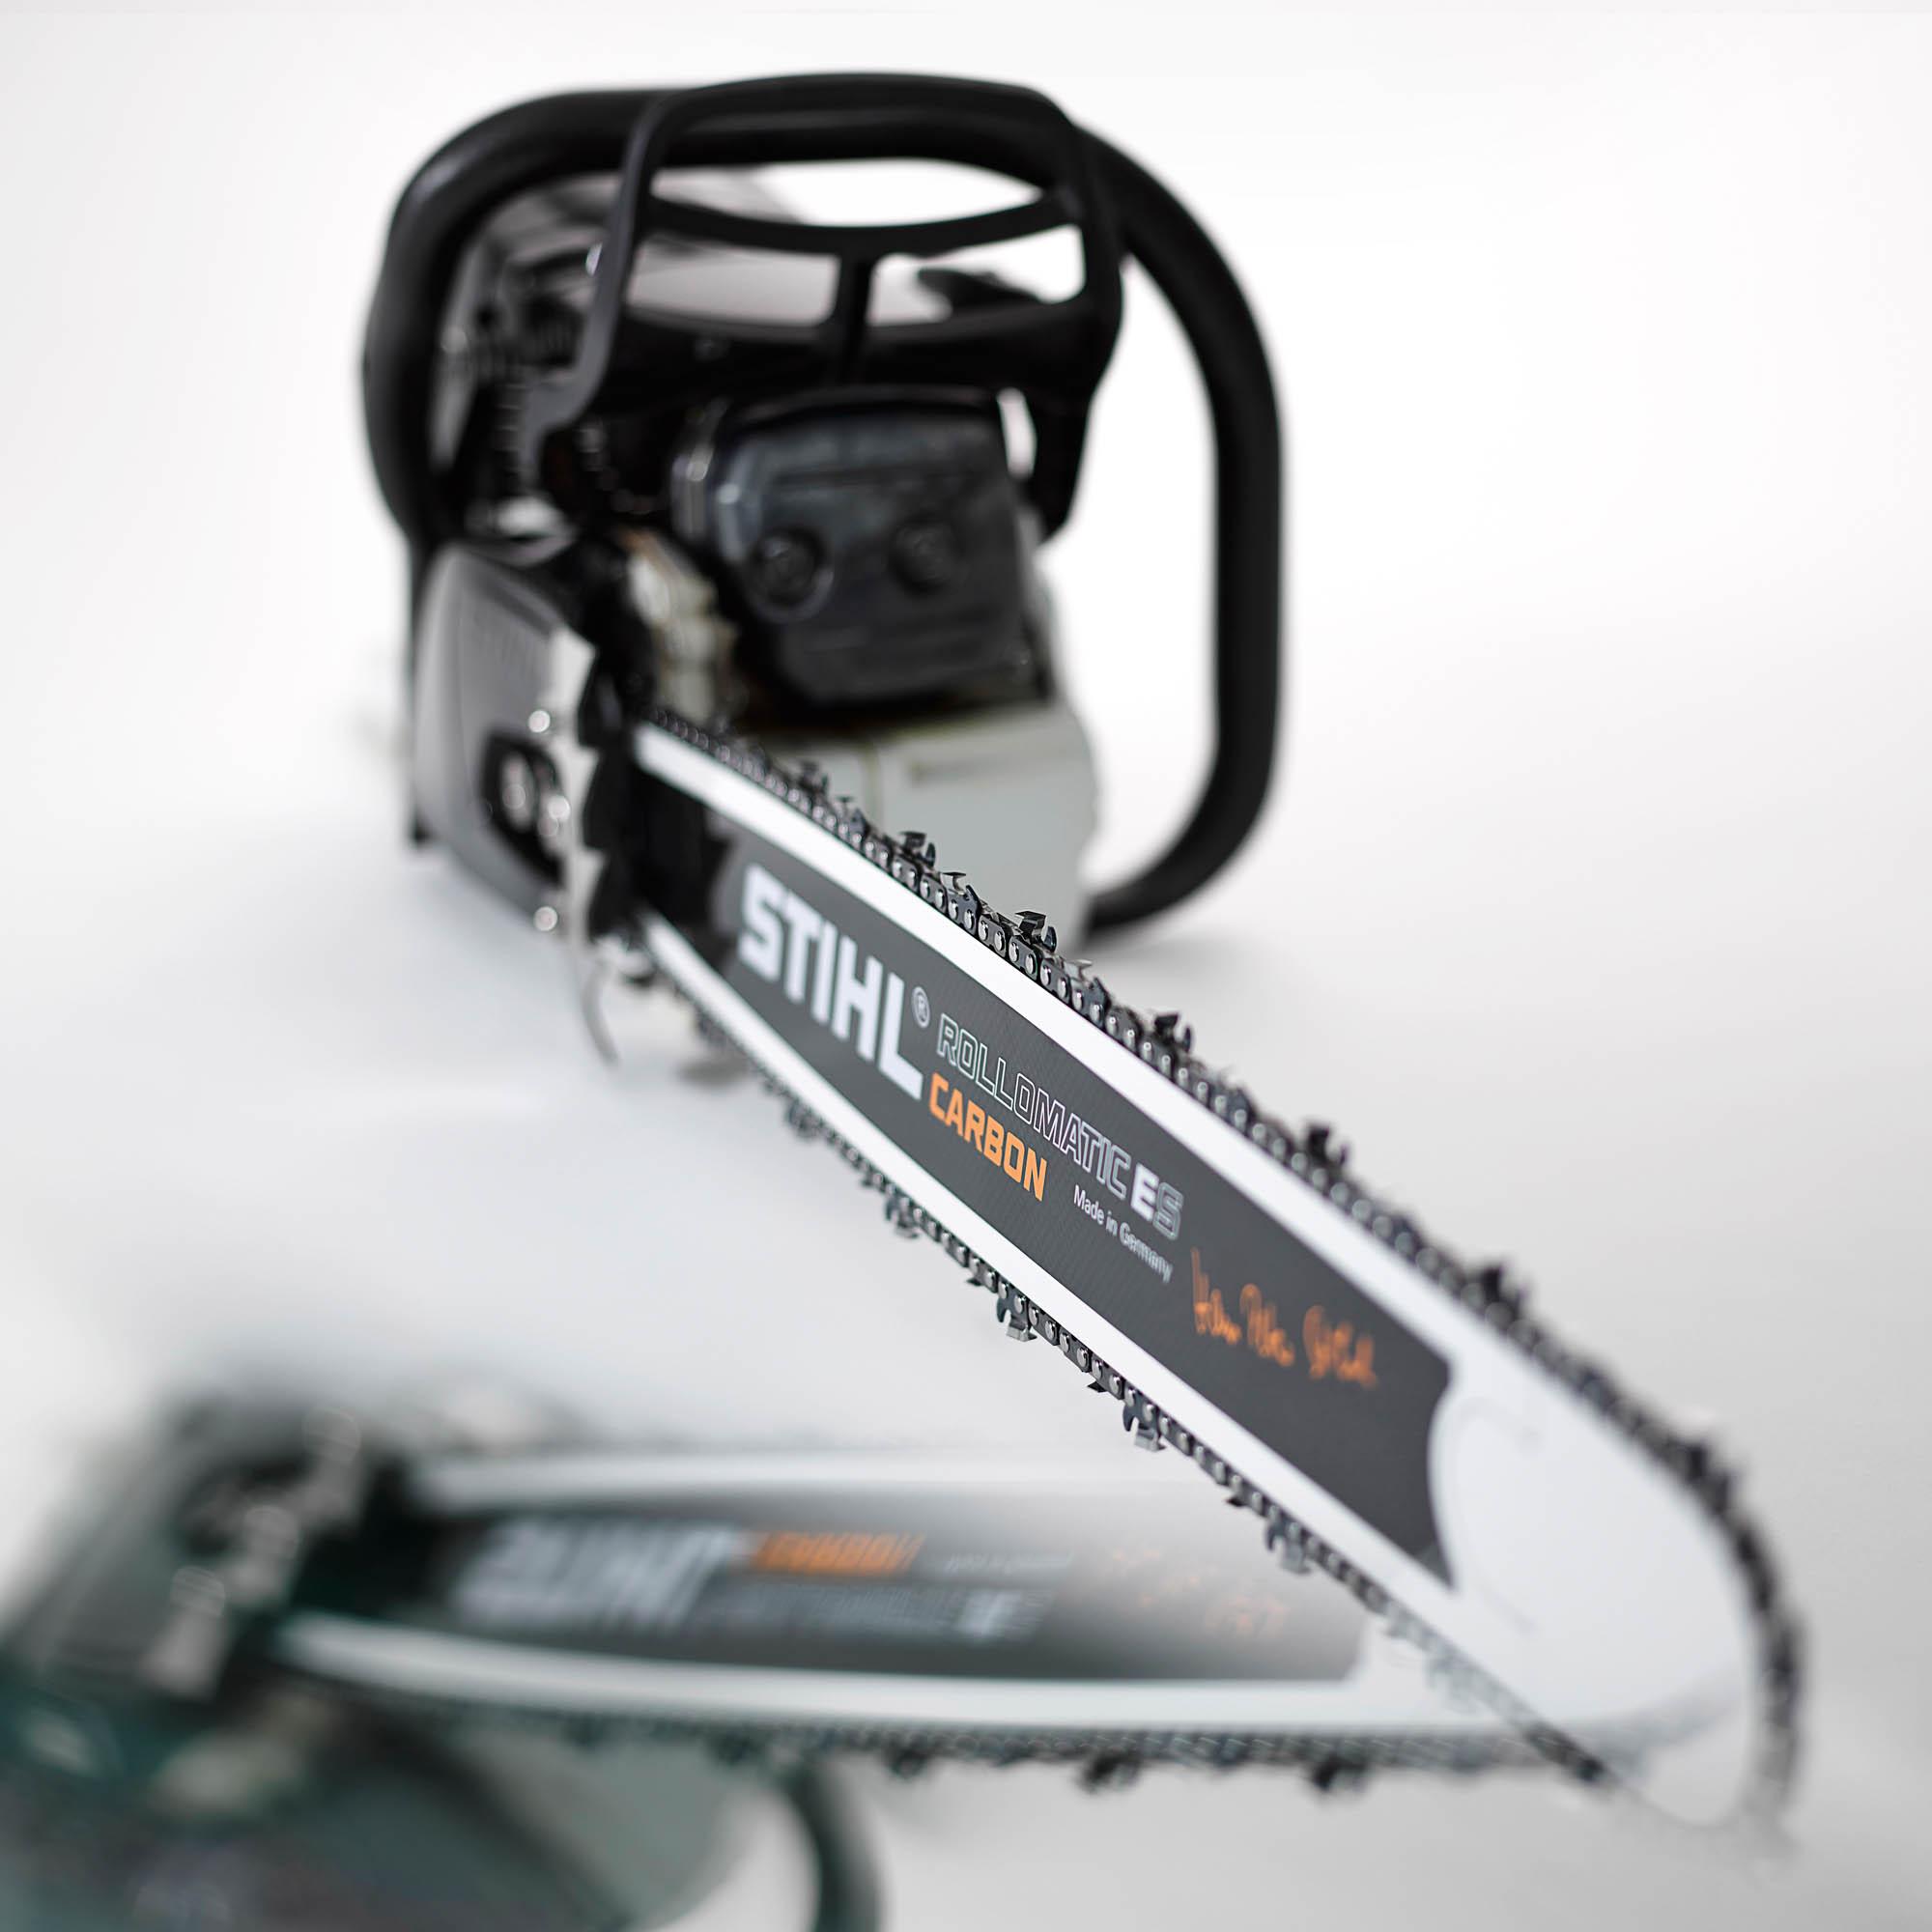 Carbon 3015 1 Kopie - Stihl: Dokumentation innovativer Produktentwicklungen